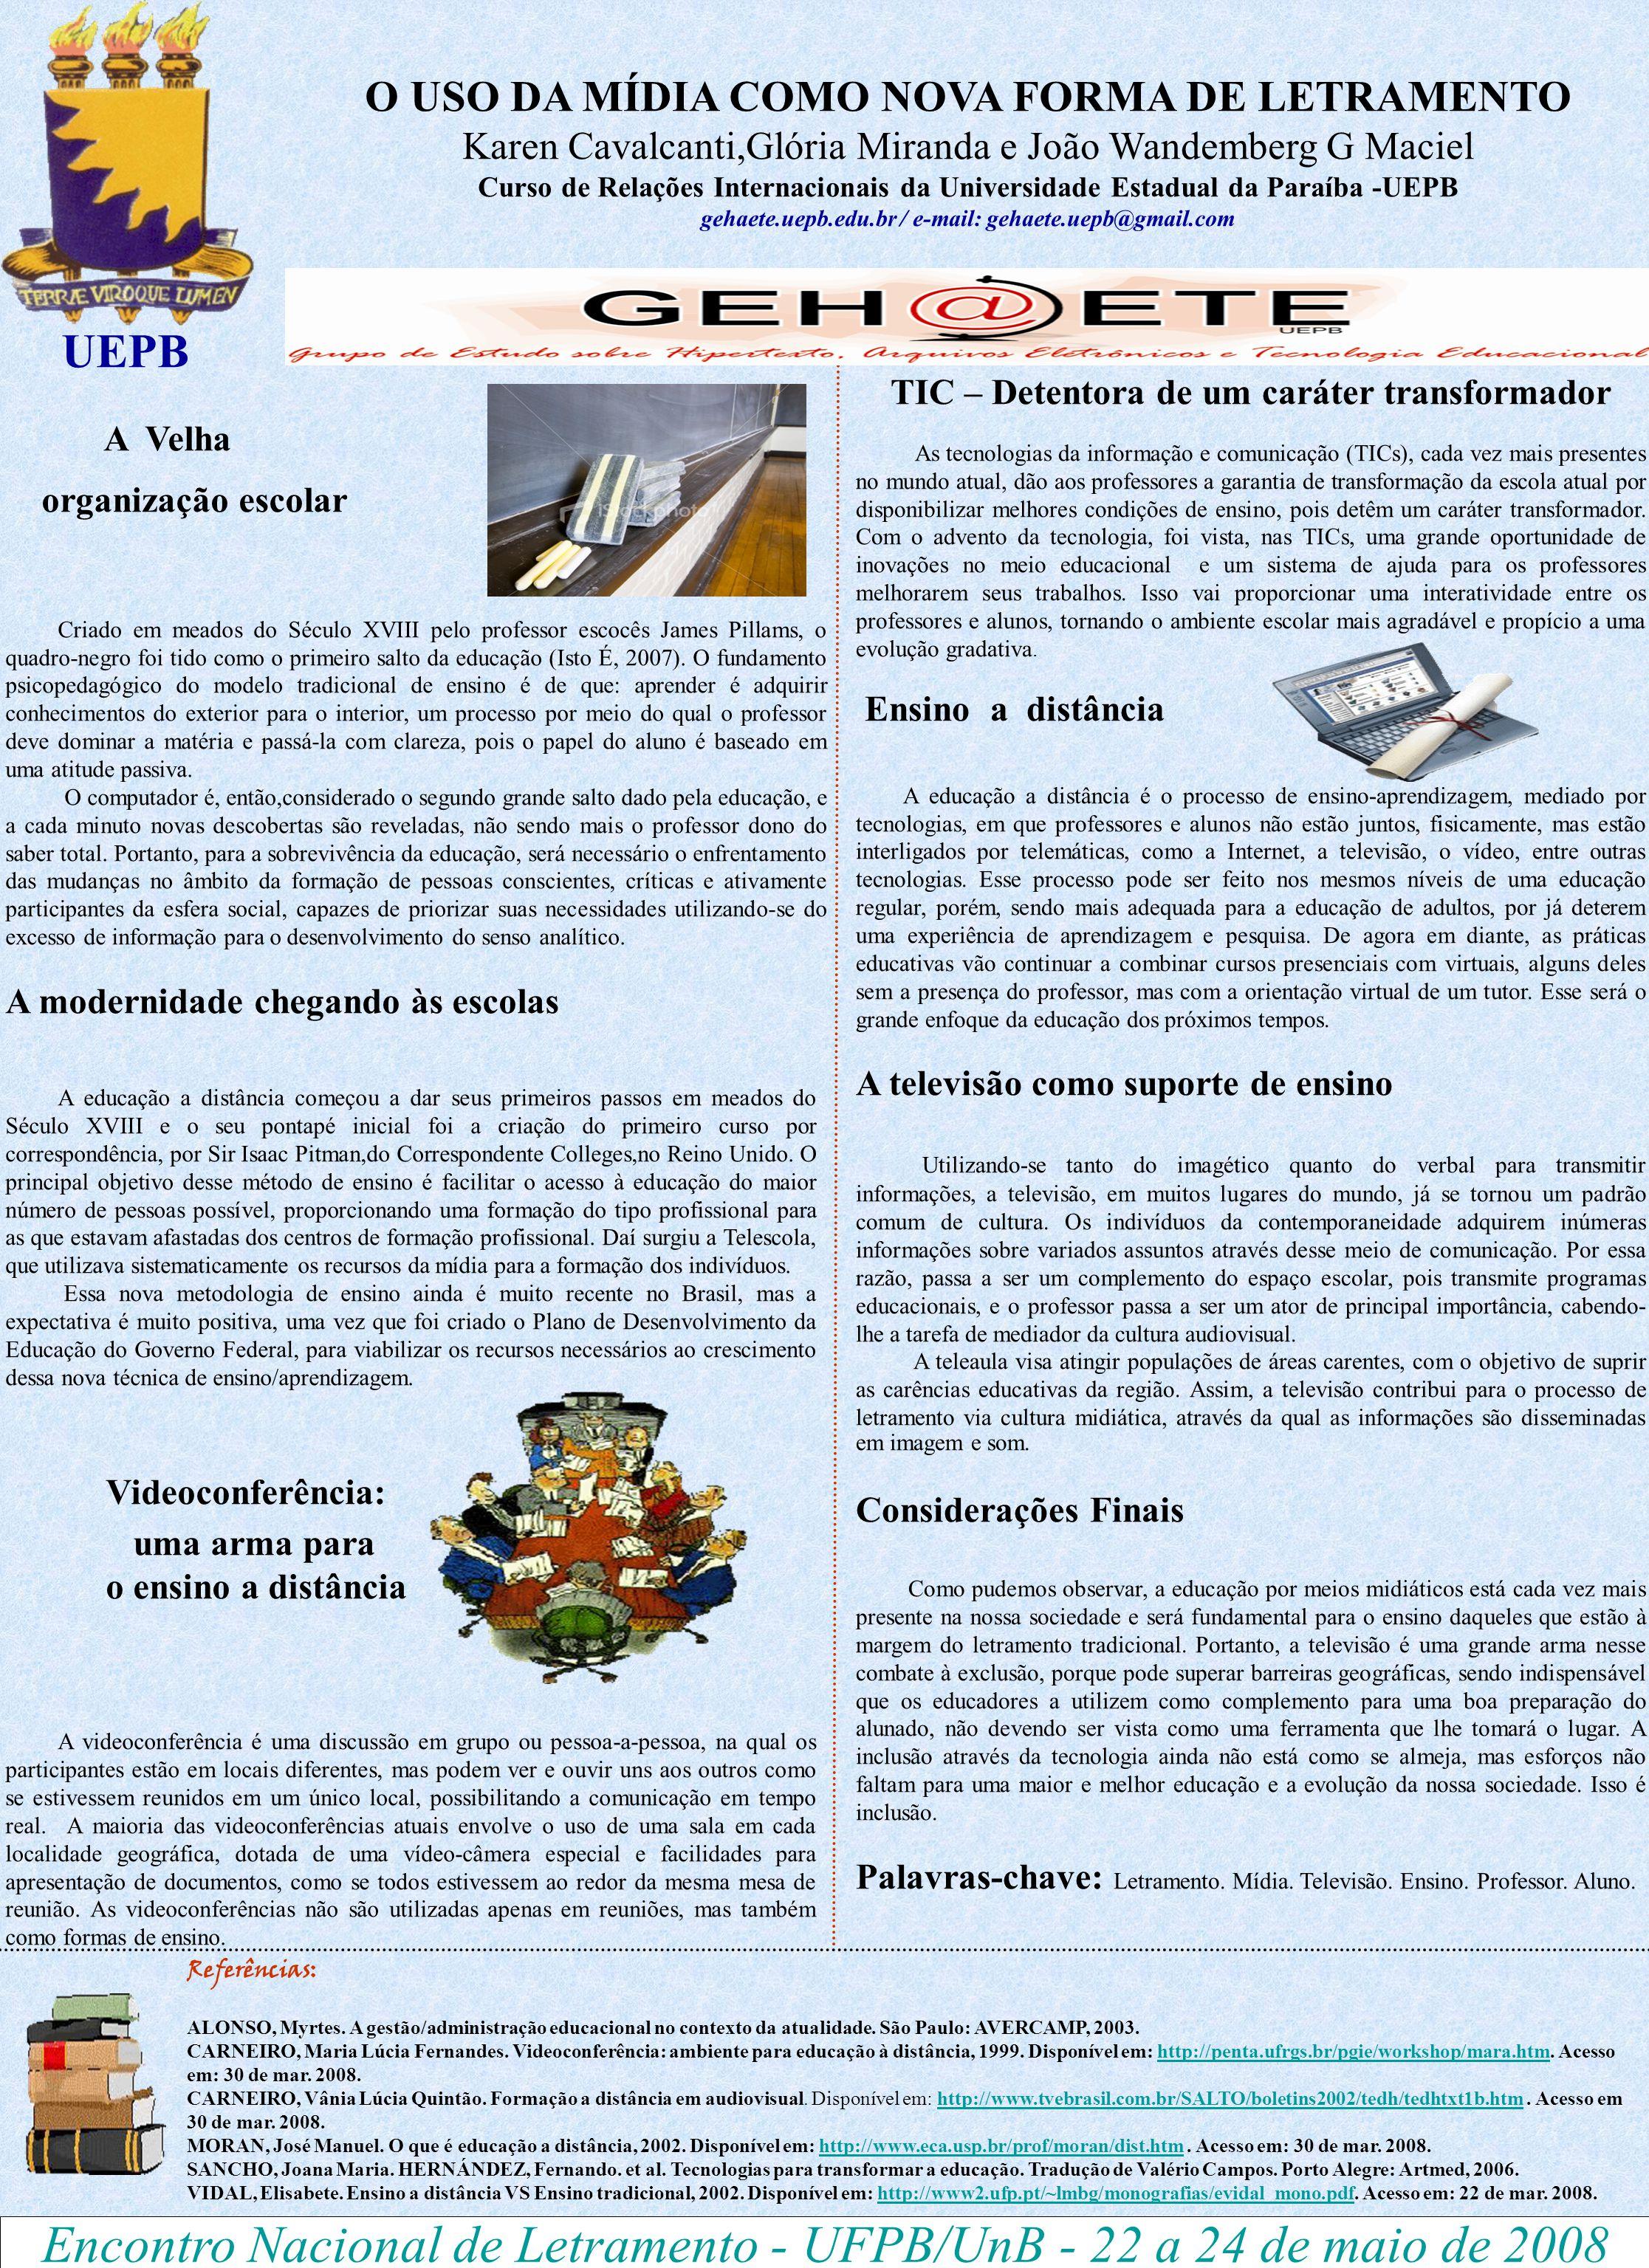 Encontro Nacional de Letramento - UFPB/UnB - 22 a 24 de maio de 2008